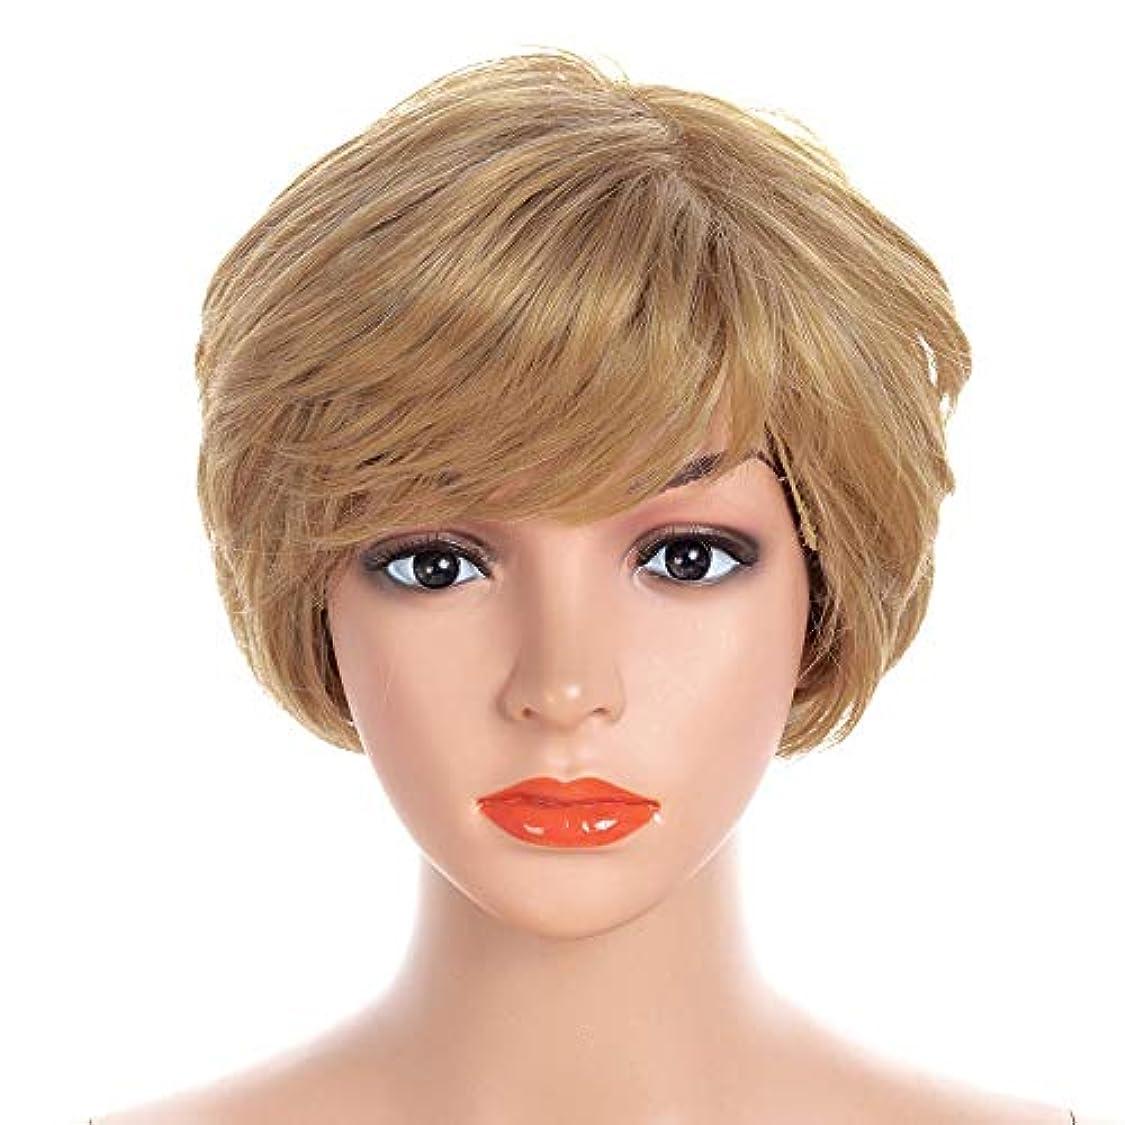 不良品絶対の裁量WASAIO 人工毛ボブショートカーリーブロンドアクセサリースタイル交換用無料ネットコスプレパーティードレス (色 : Blonde, サイズ : 30cm)